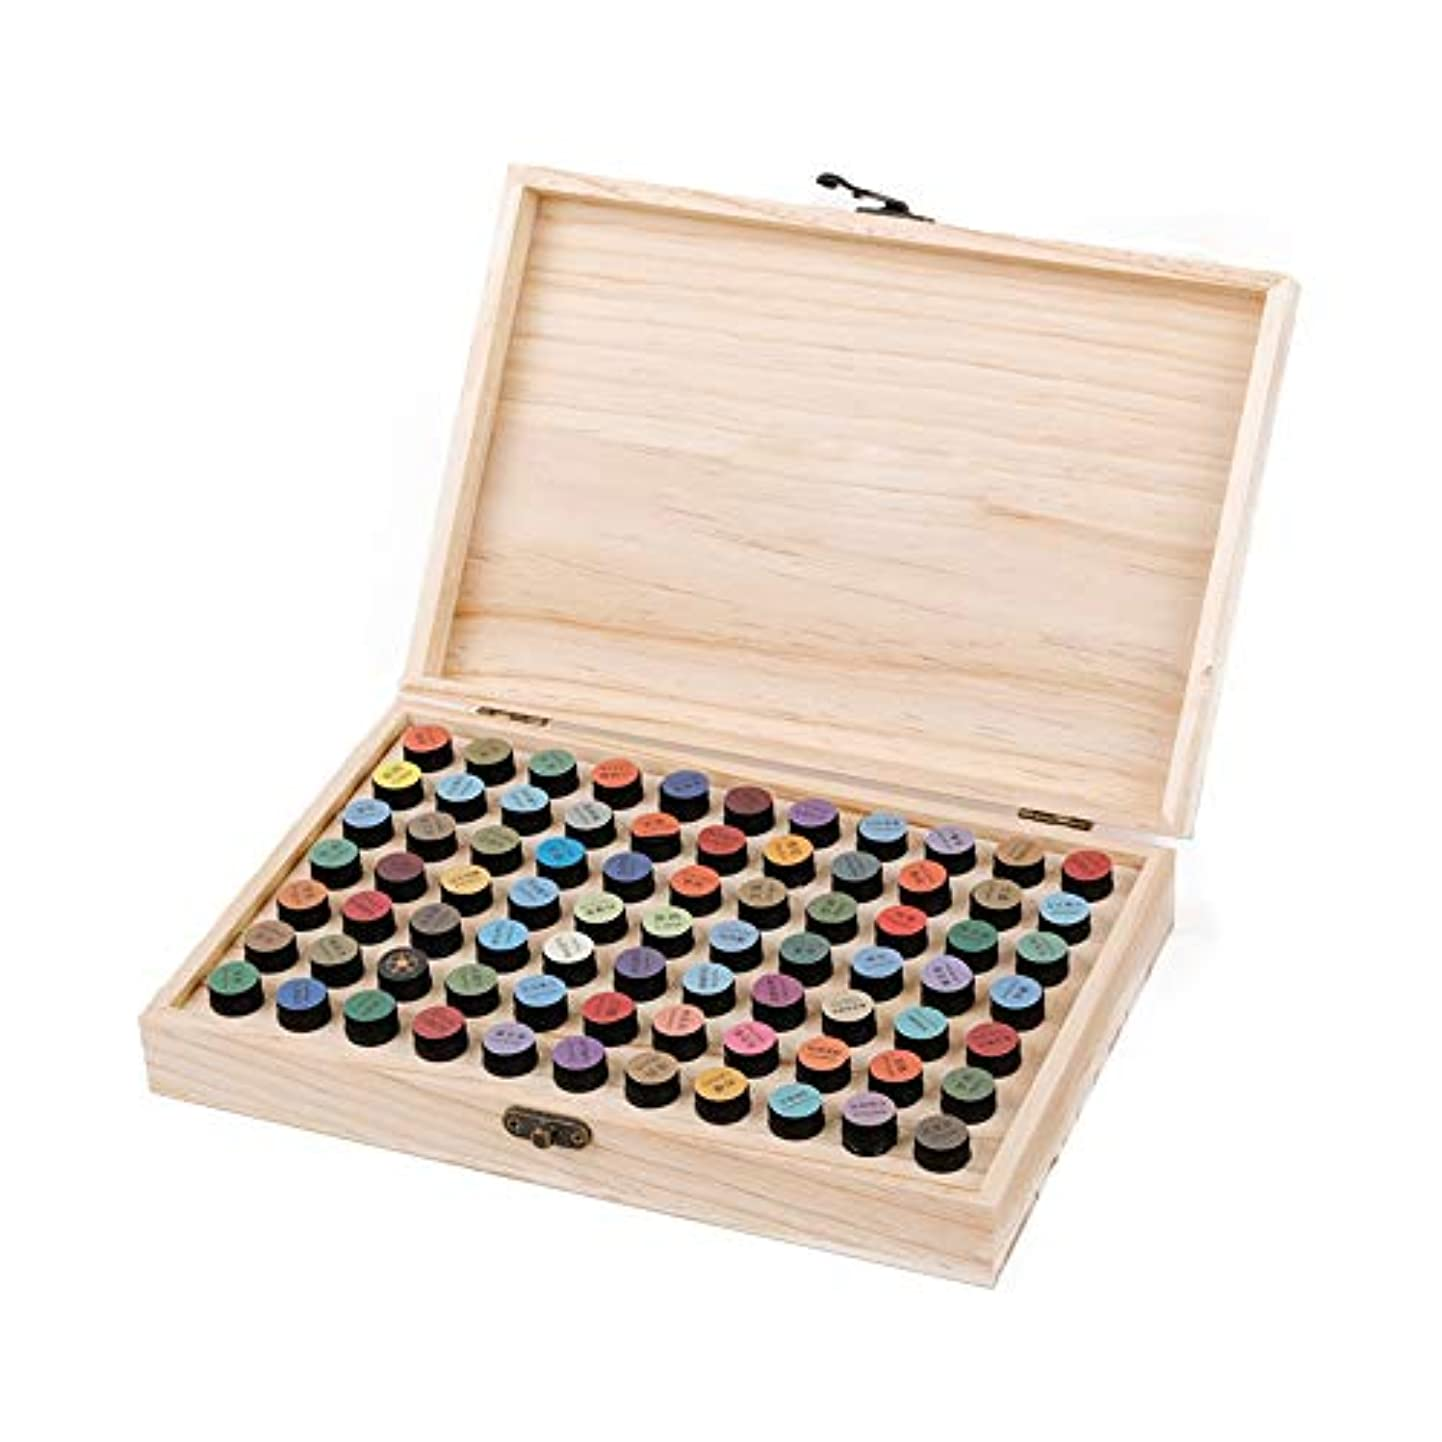 メリー泣いている葬儀2ミリリットルエッセンシャルオイルのために77ボトル木製エッセンシャルオイルストレージボックス77スロット アロマセラピー製品 (色 : Natural, サイズ : 29X19X4CM)